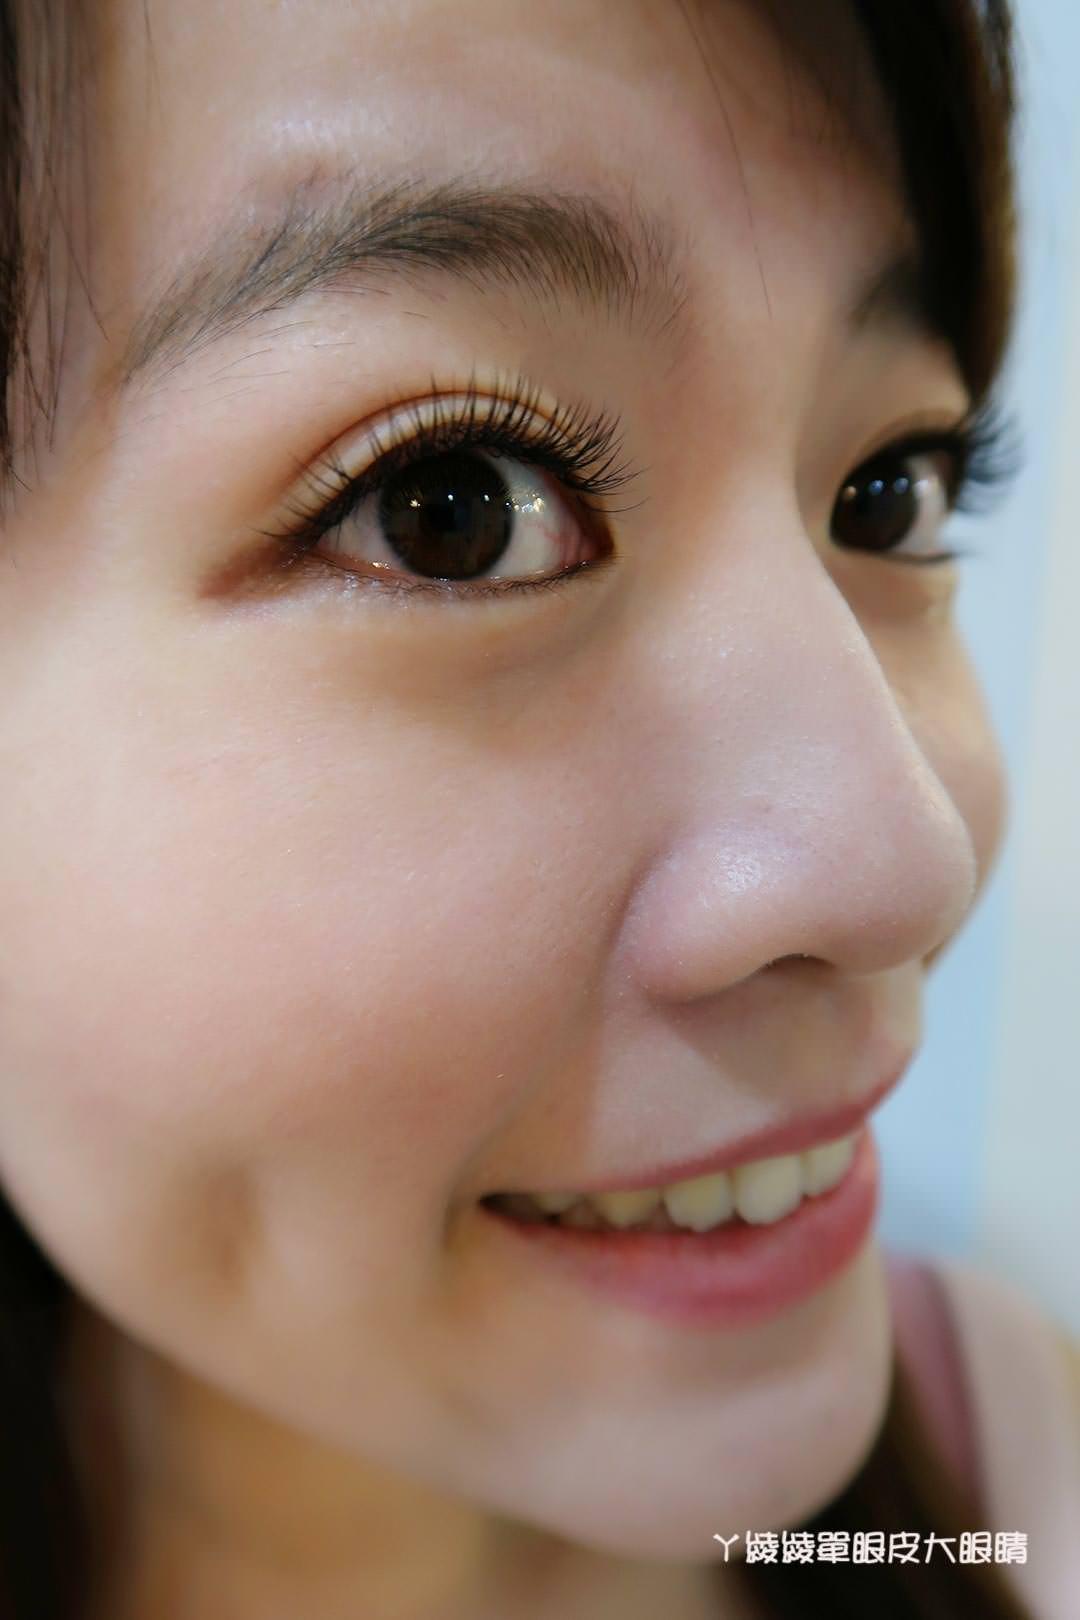 新竹嫁接睫毛推薦|艾莉美睫設計,漂亮美睫師柯柯幫你打造超自然的眉睫美學